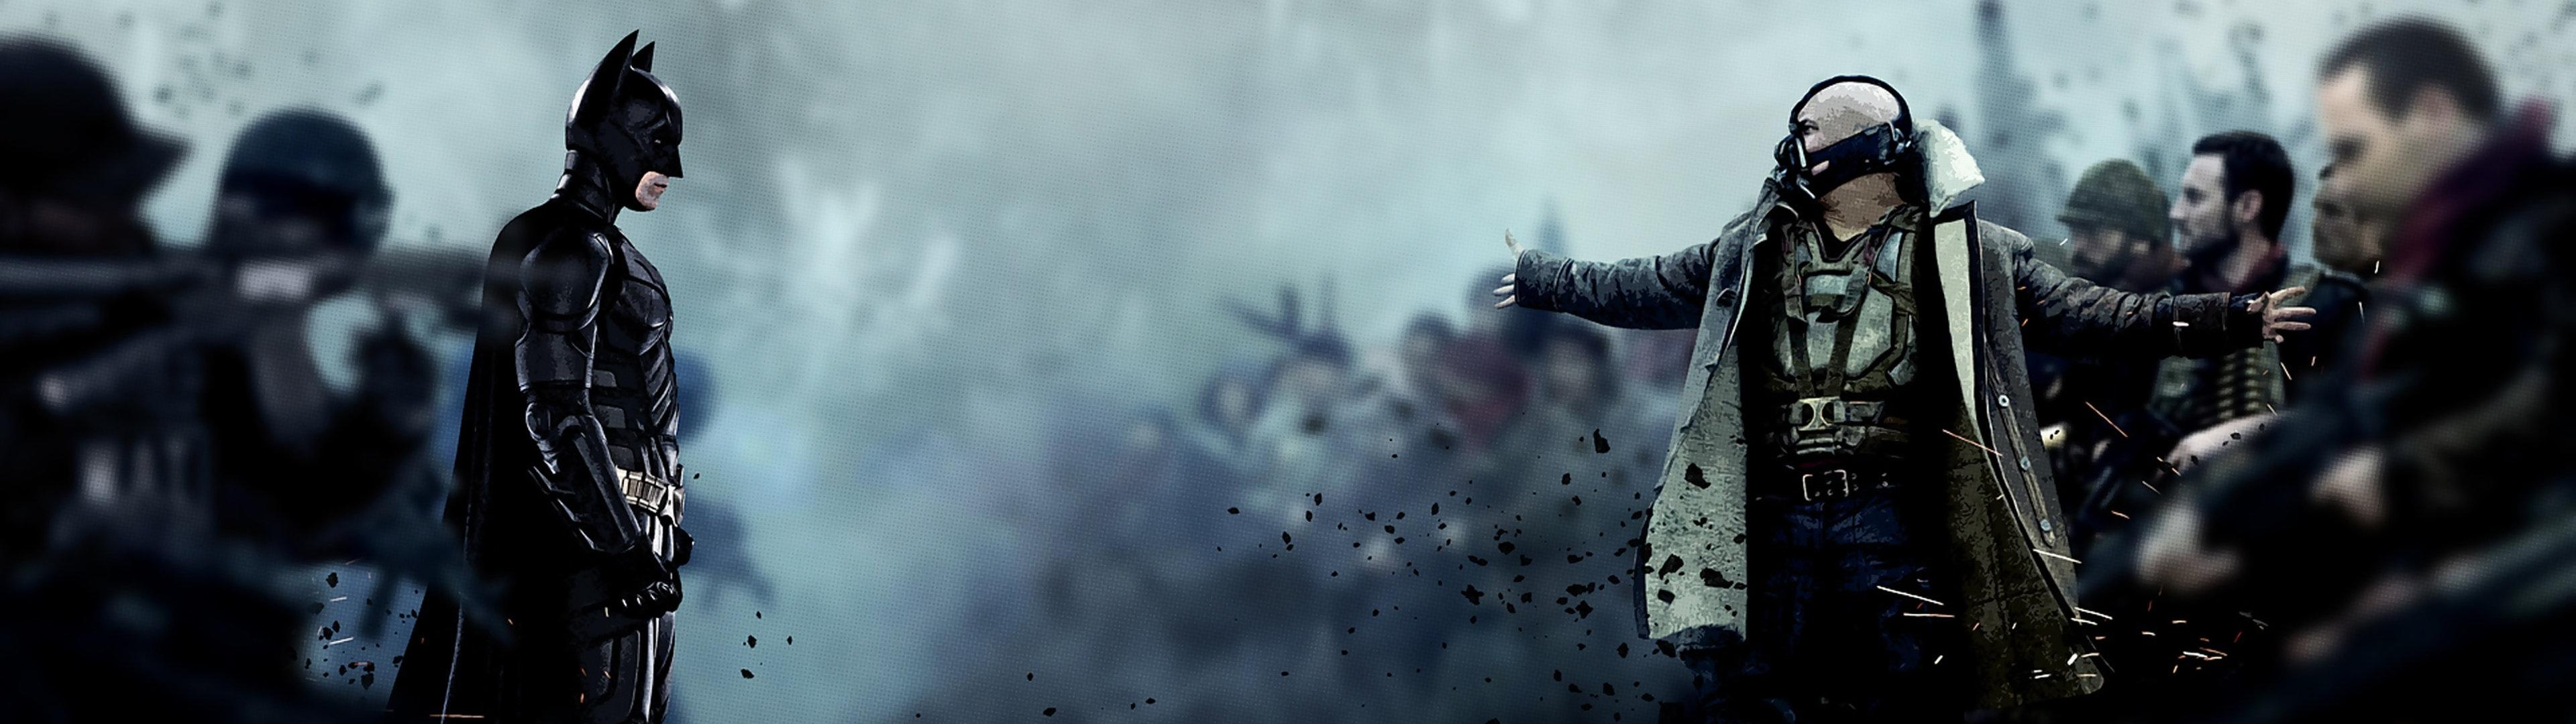 batman vs bane dual screen wallpaper | 3840x1080 | id:33546